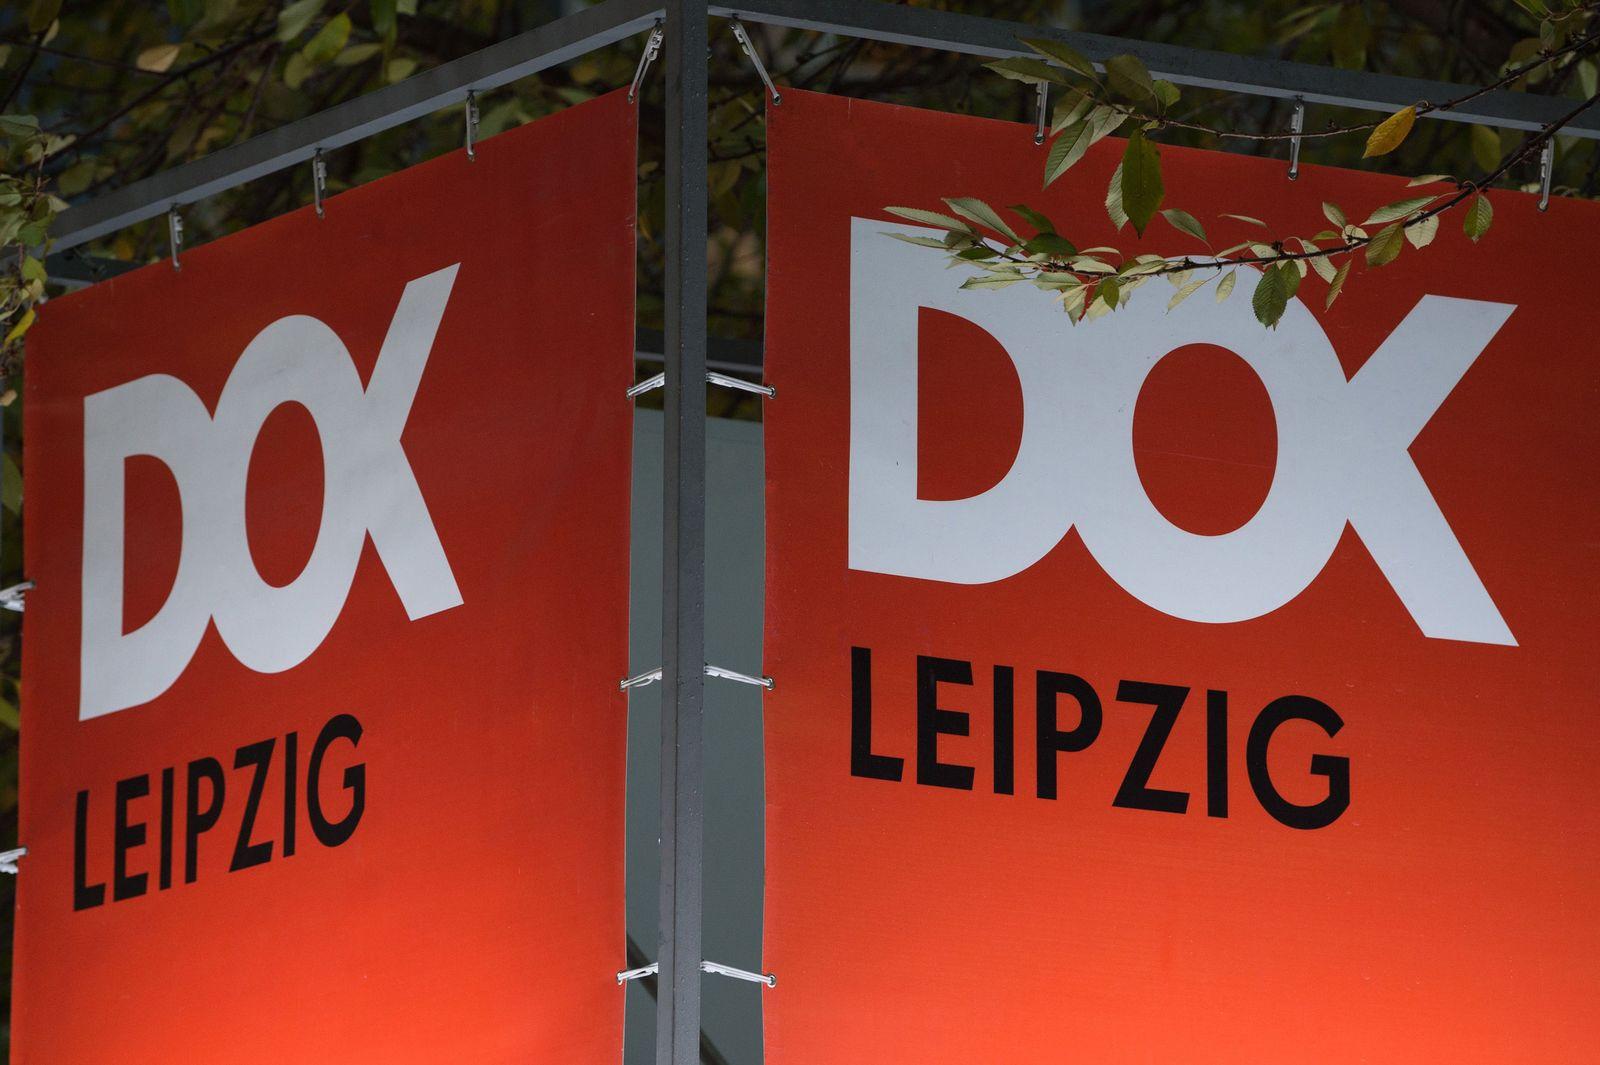 Leipziger DOK-Festival